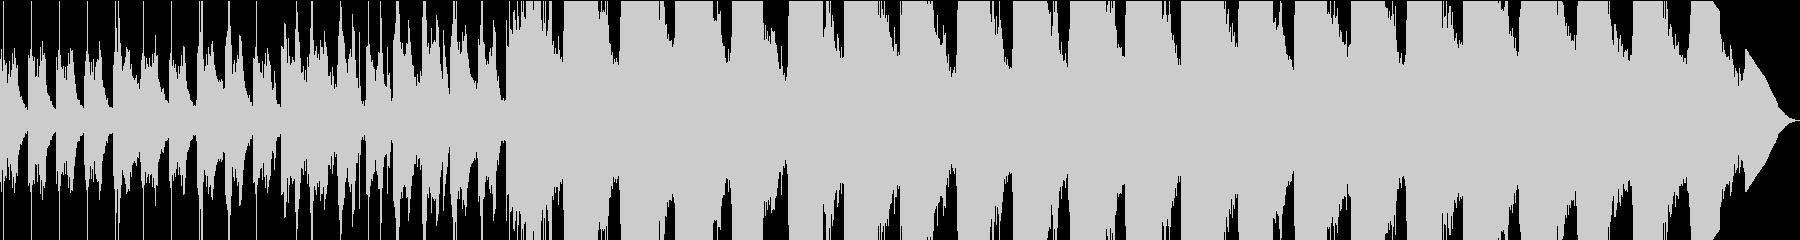 催眠音風景 #002の未再生の波形